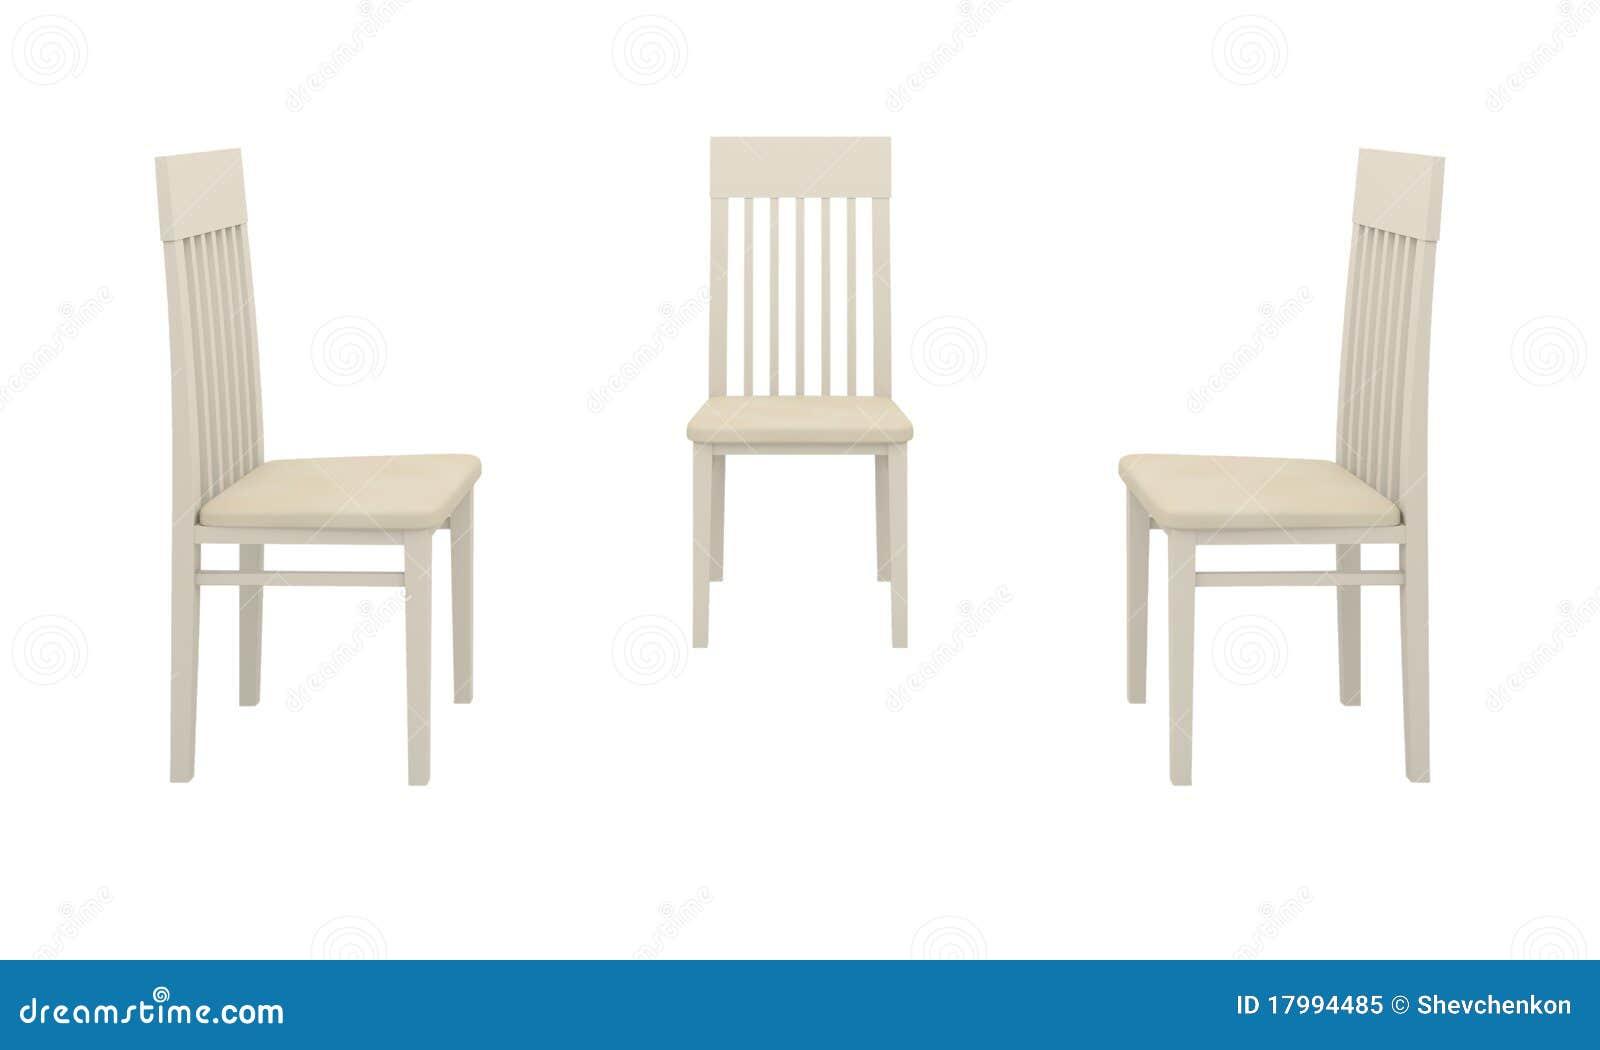 Unglaublich Weisse Stühle Galerie Von Pattern Drei Weiße Stühle Stock Abbildung. Tration